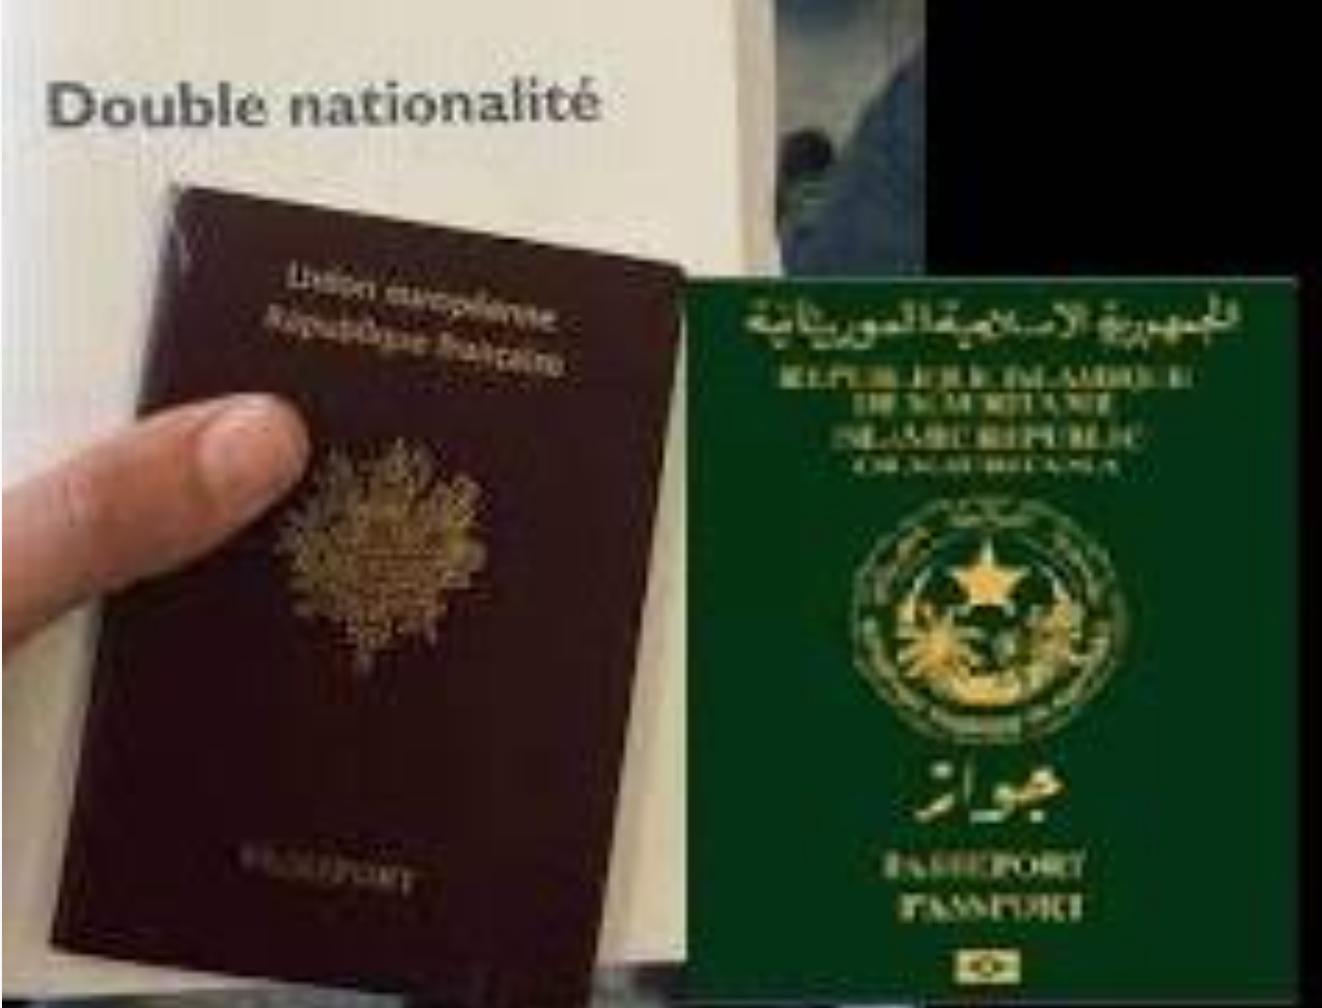 La double nationalité en Mauritanie : L'offre de citoyenneté discriminée